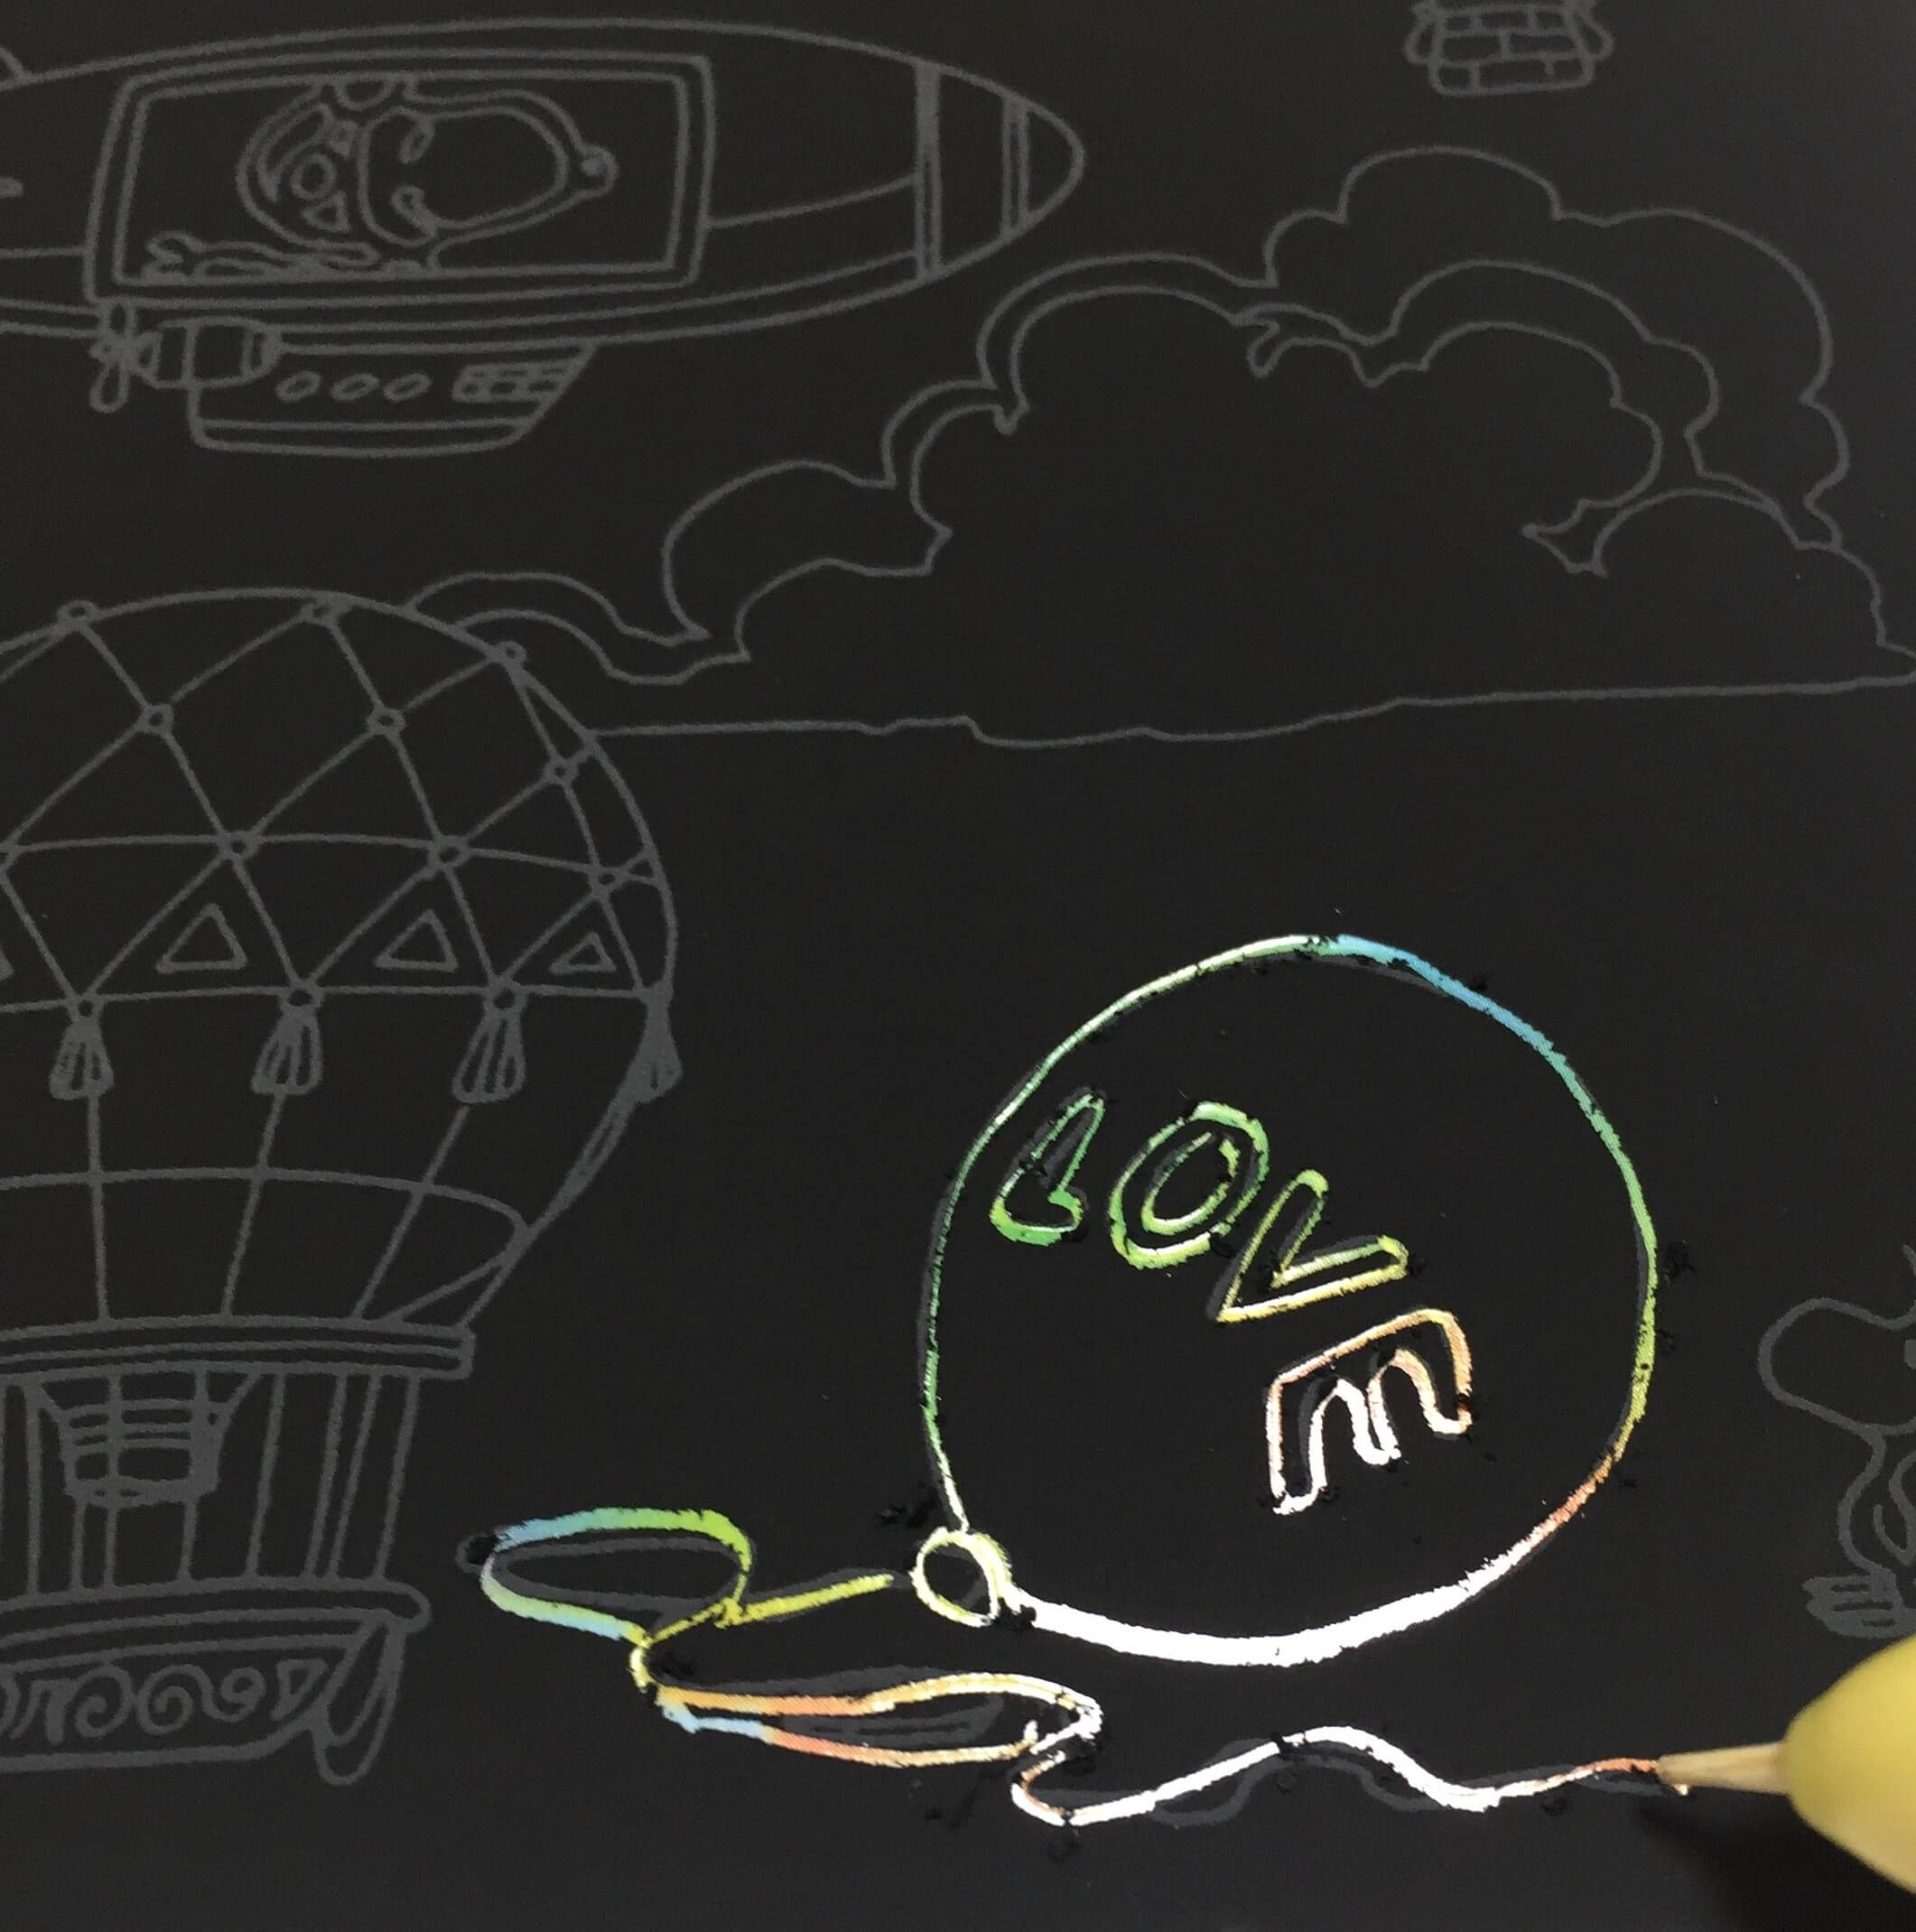 スヌーピースクラッチアート難しい?